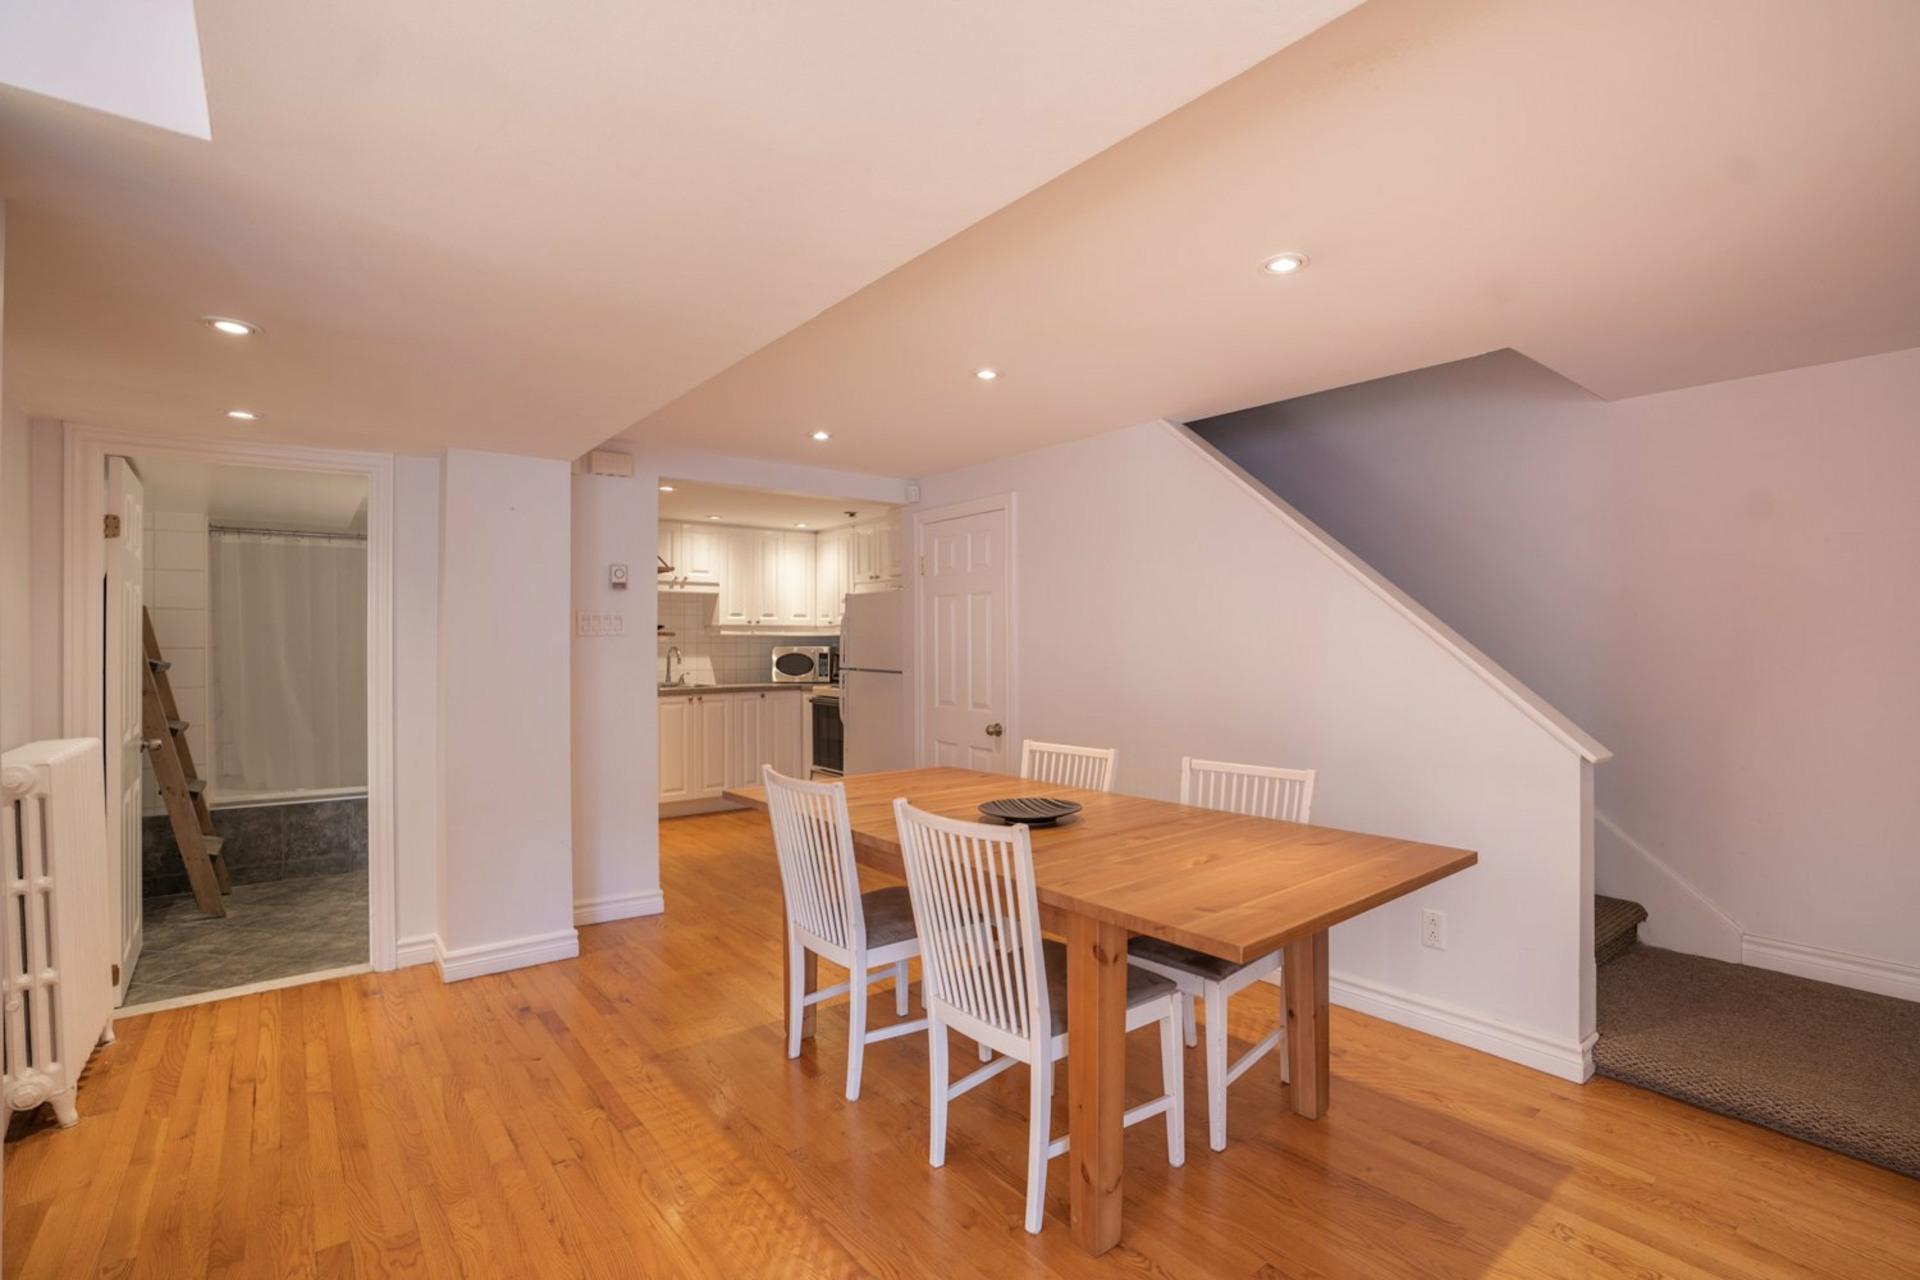 image 4 - Apartment For sale Côte-des-Neiges/Notre-Dame-de-Grâce Montréal  - 4 rooms